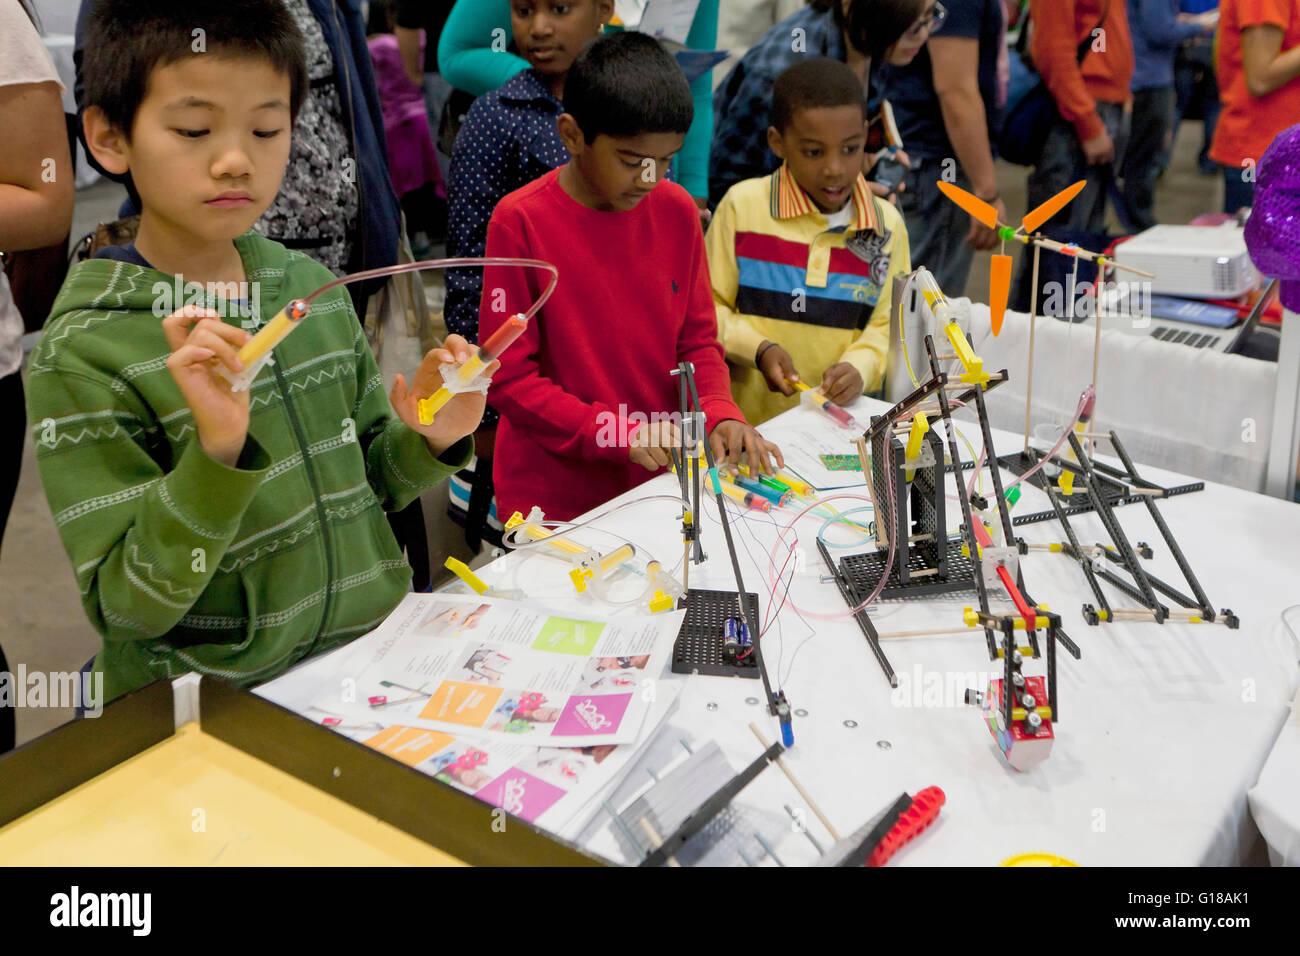 Kinder mit Spielzeug in den USA Wissenschaft und Technik Festival - Washington, DC, USA Interaktion Stockbild